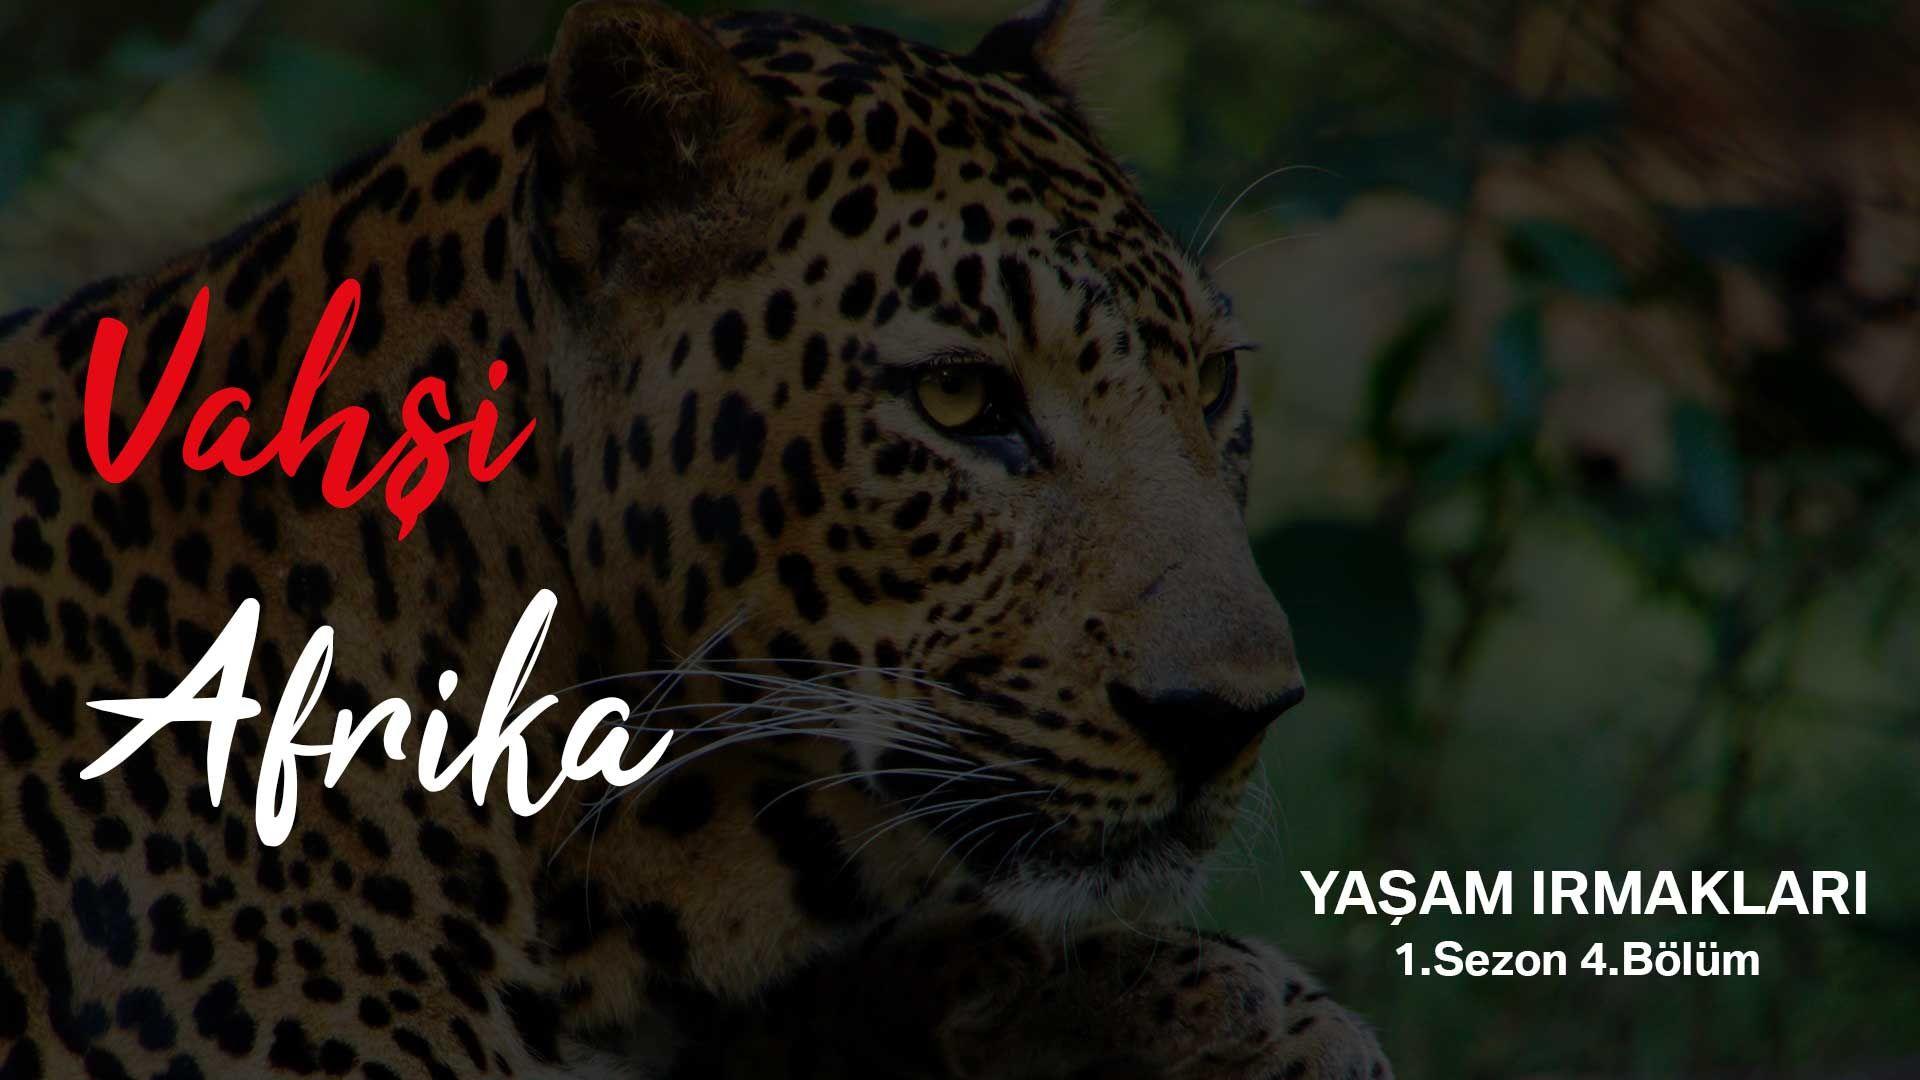 Vahşi Afrika: Yaşam Irmakları | 1.Sezon 4.Bölüm